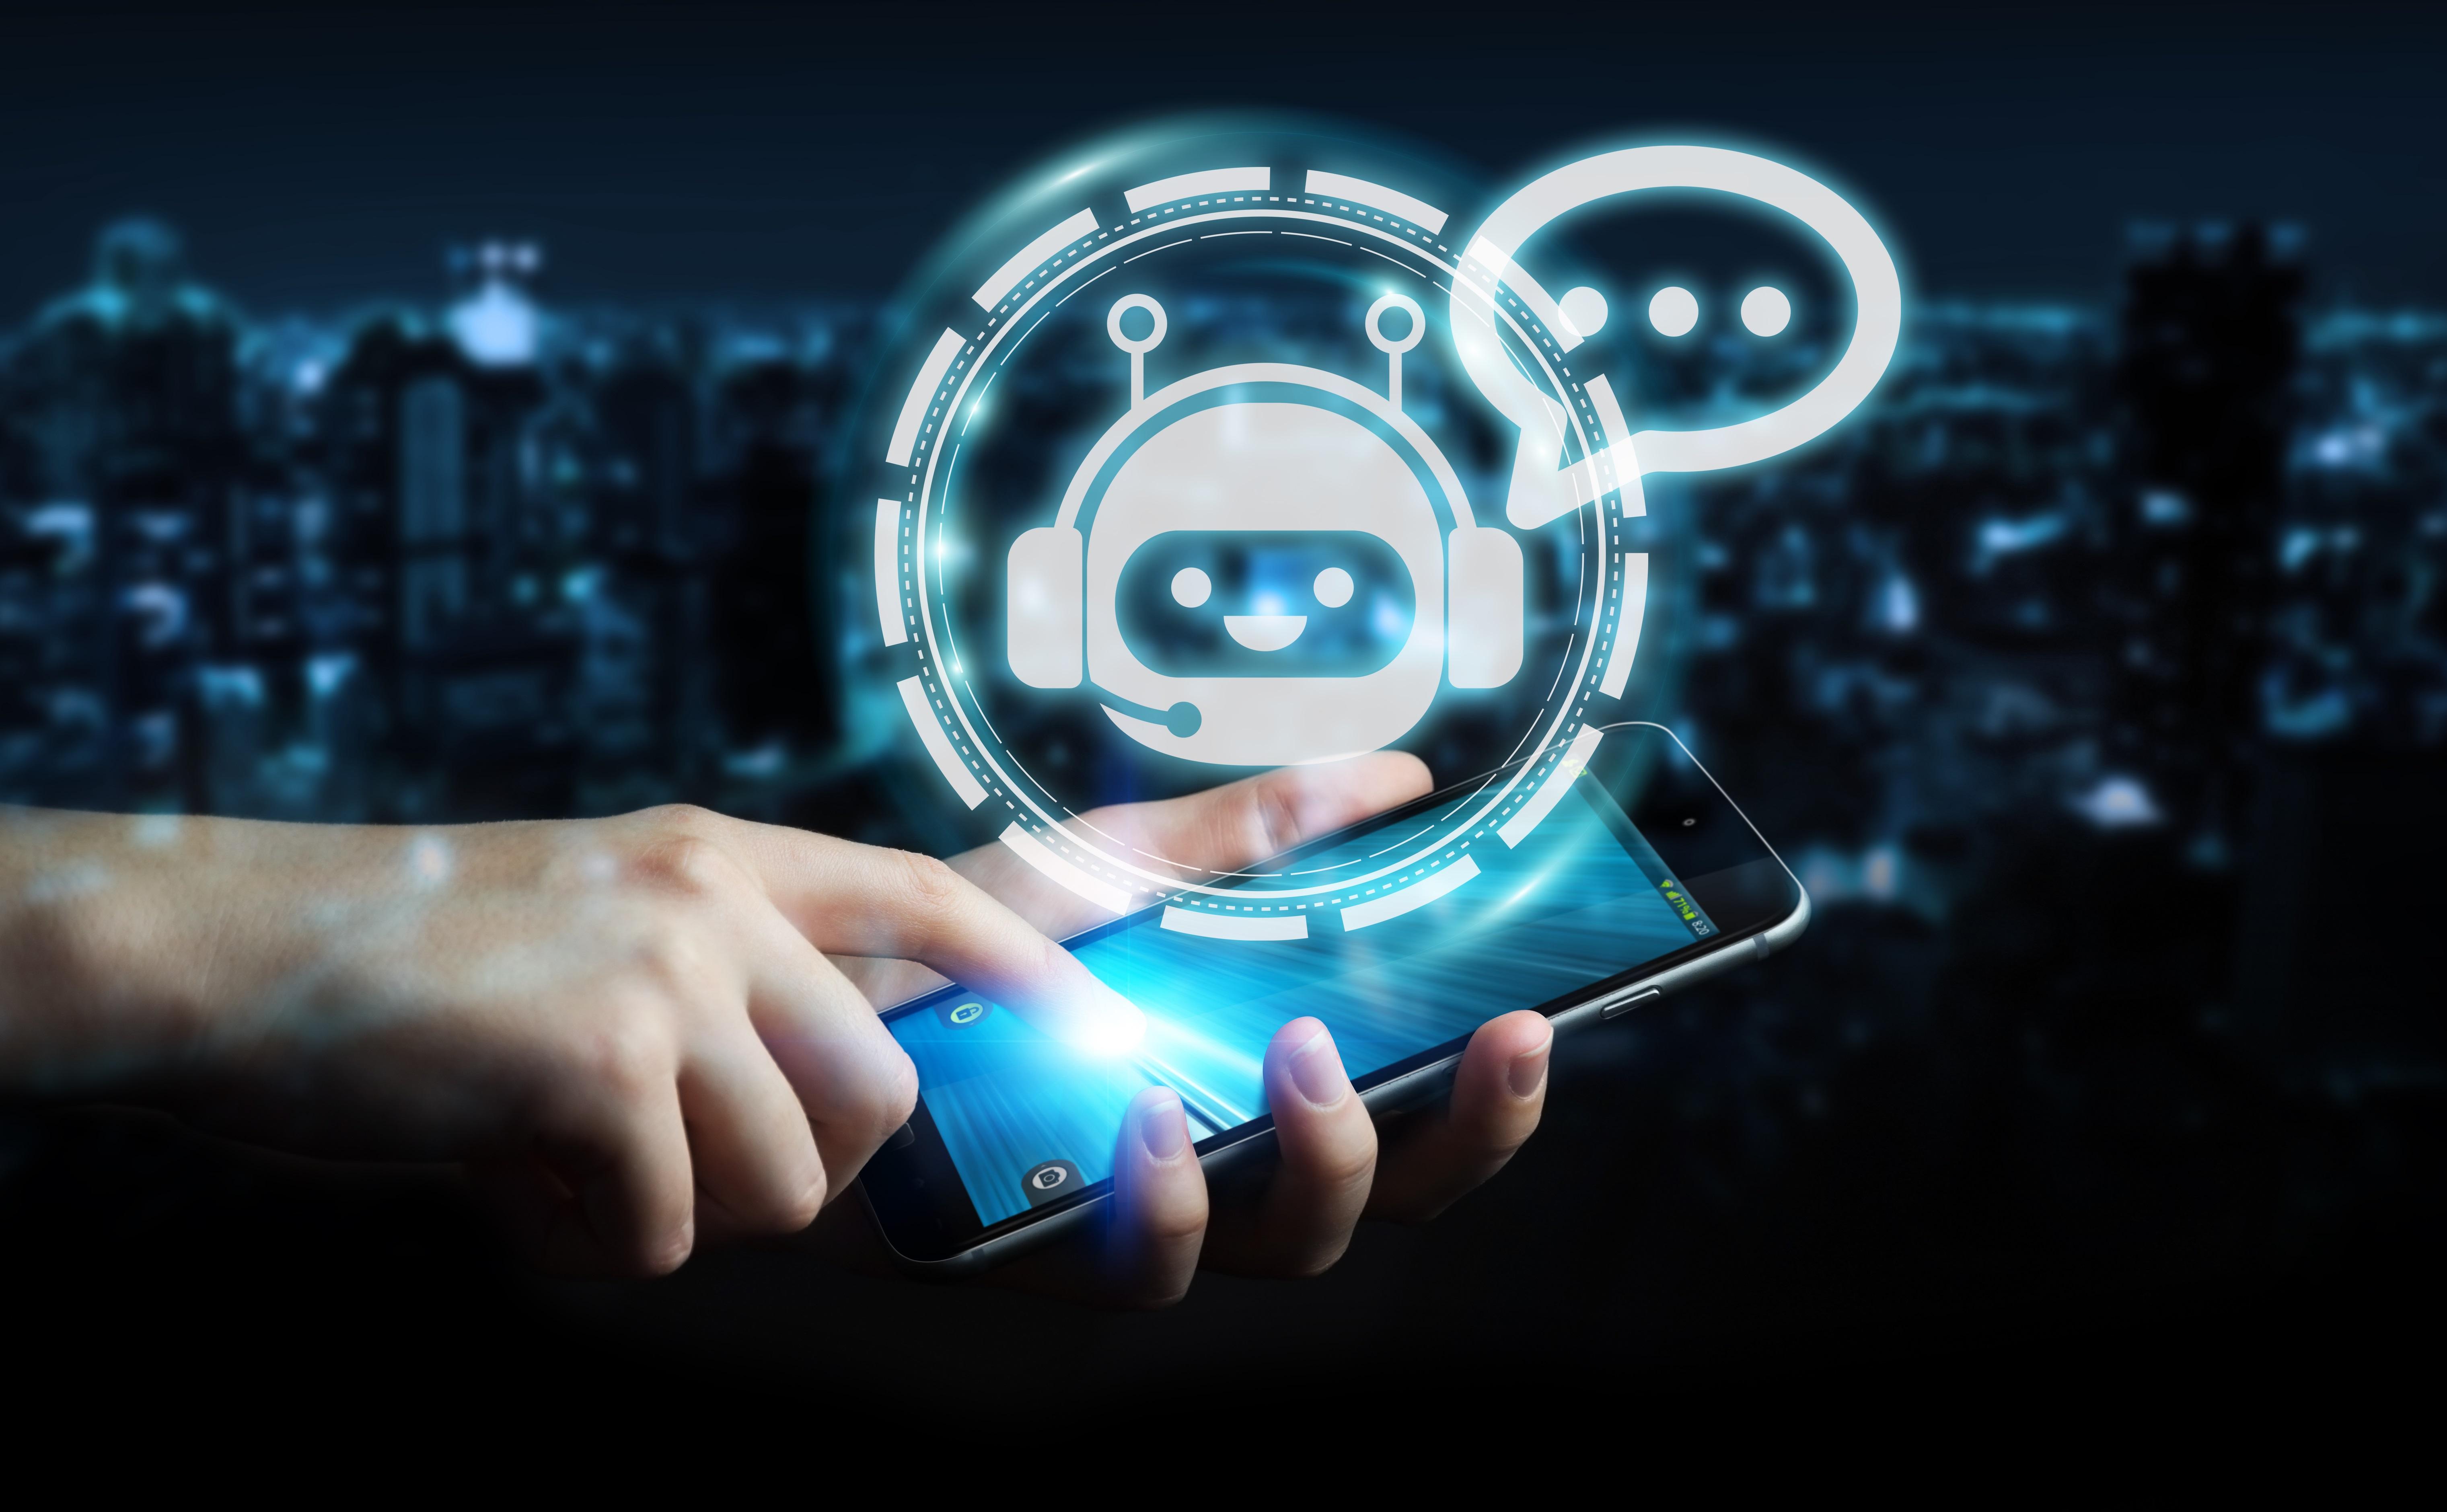 Obecnie chatboty prowadzą rozmowy z użytkownikami. (fot. pixabay)